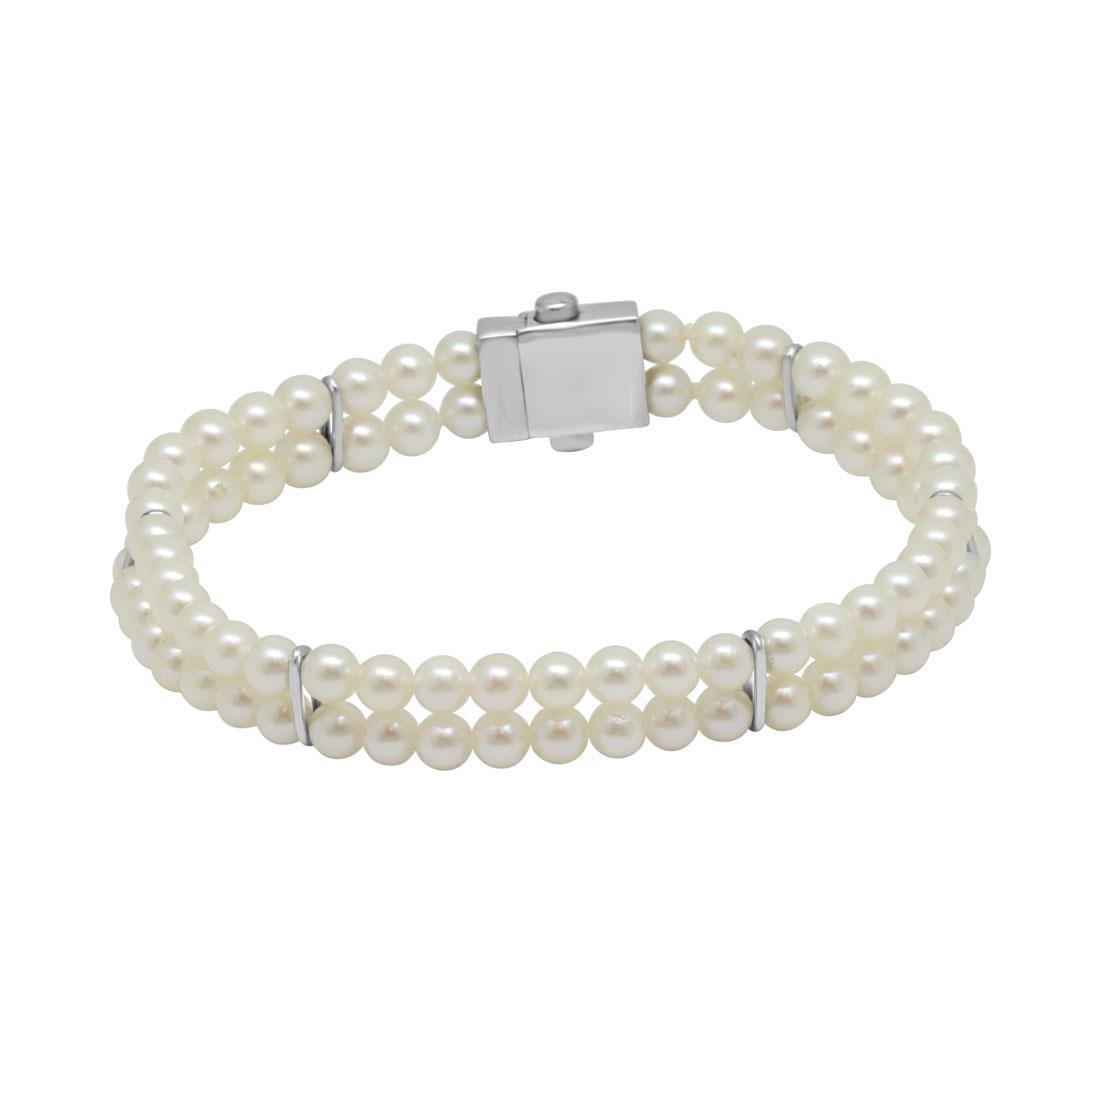 Bracciale di perle 2 file in oro bianco - SALVINI